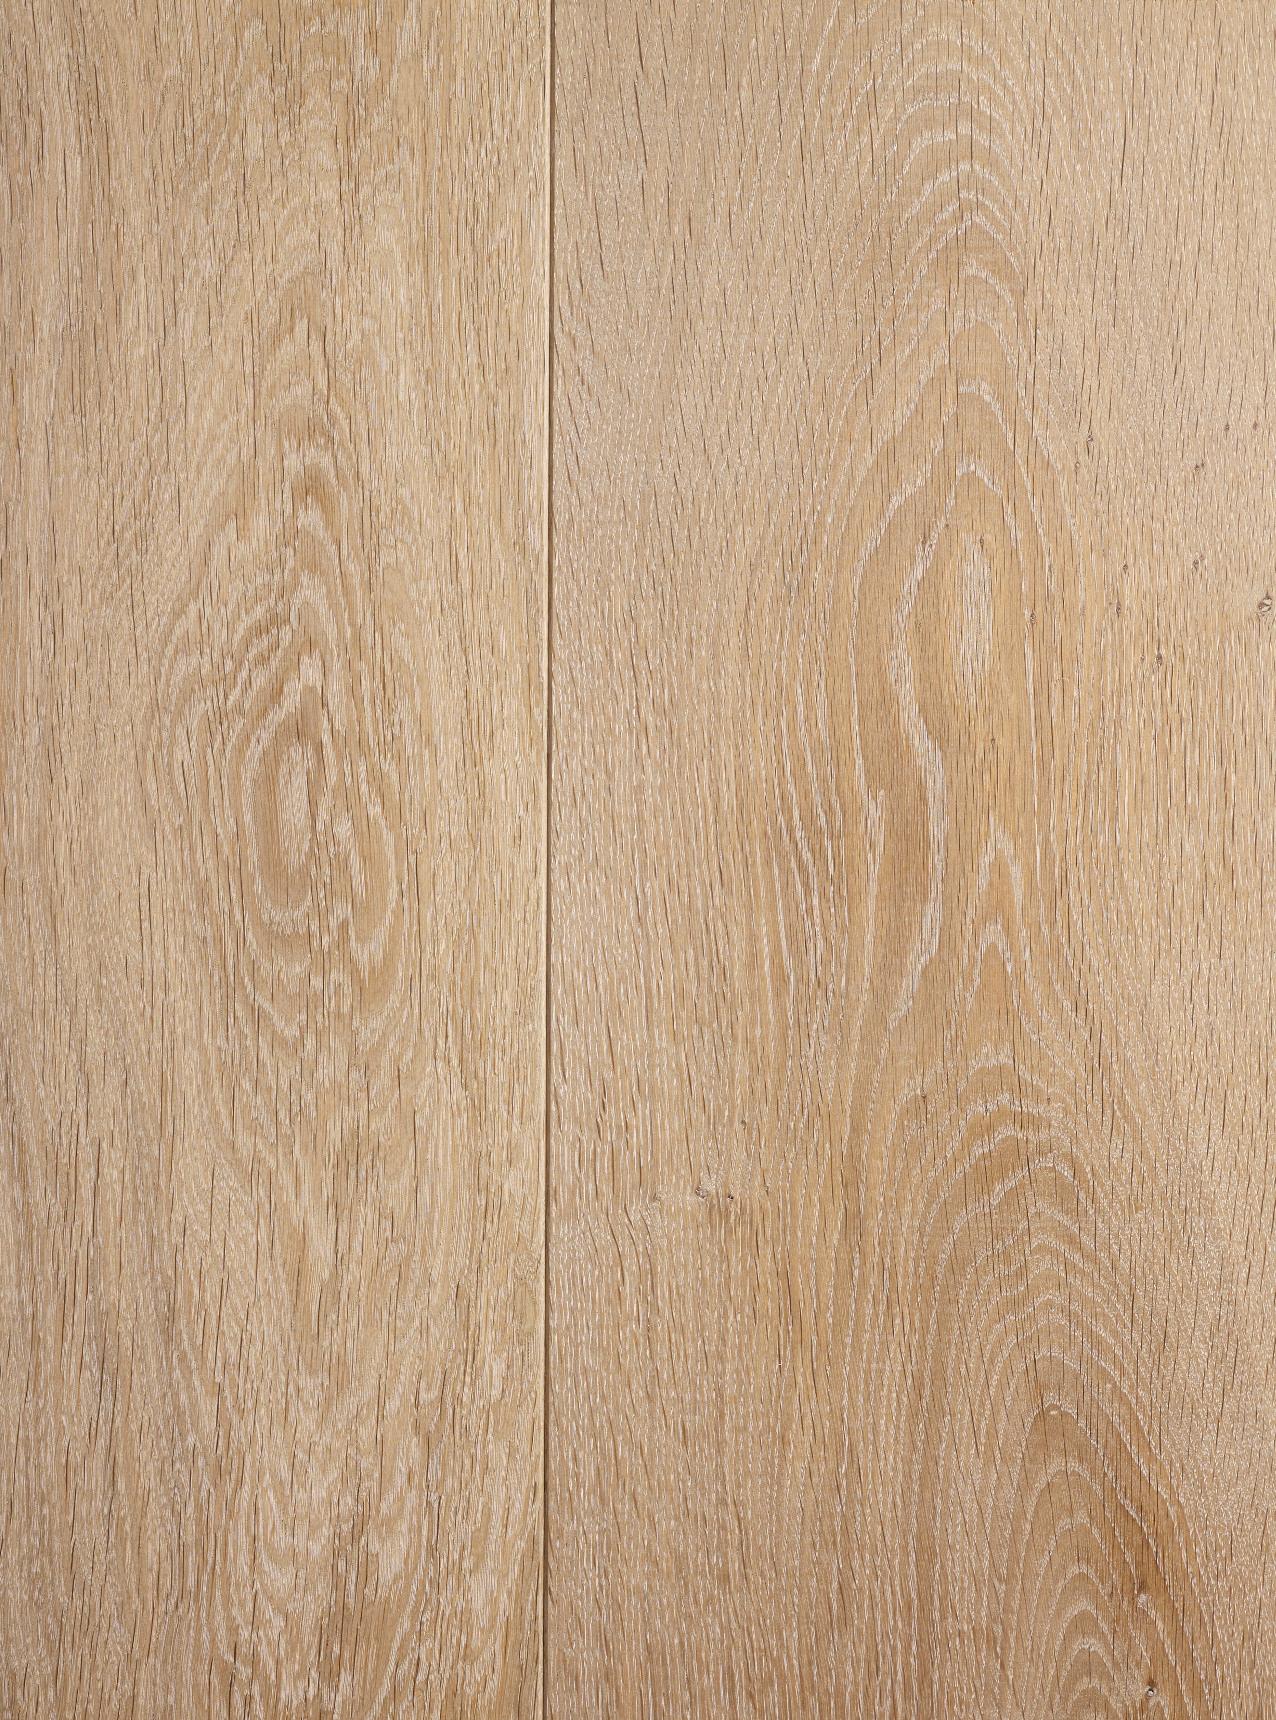 Oak landmark saltram plank